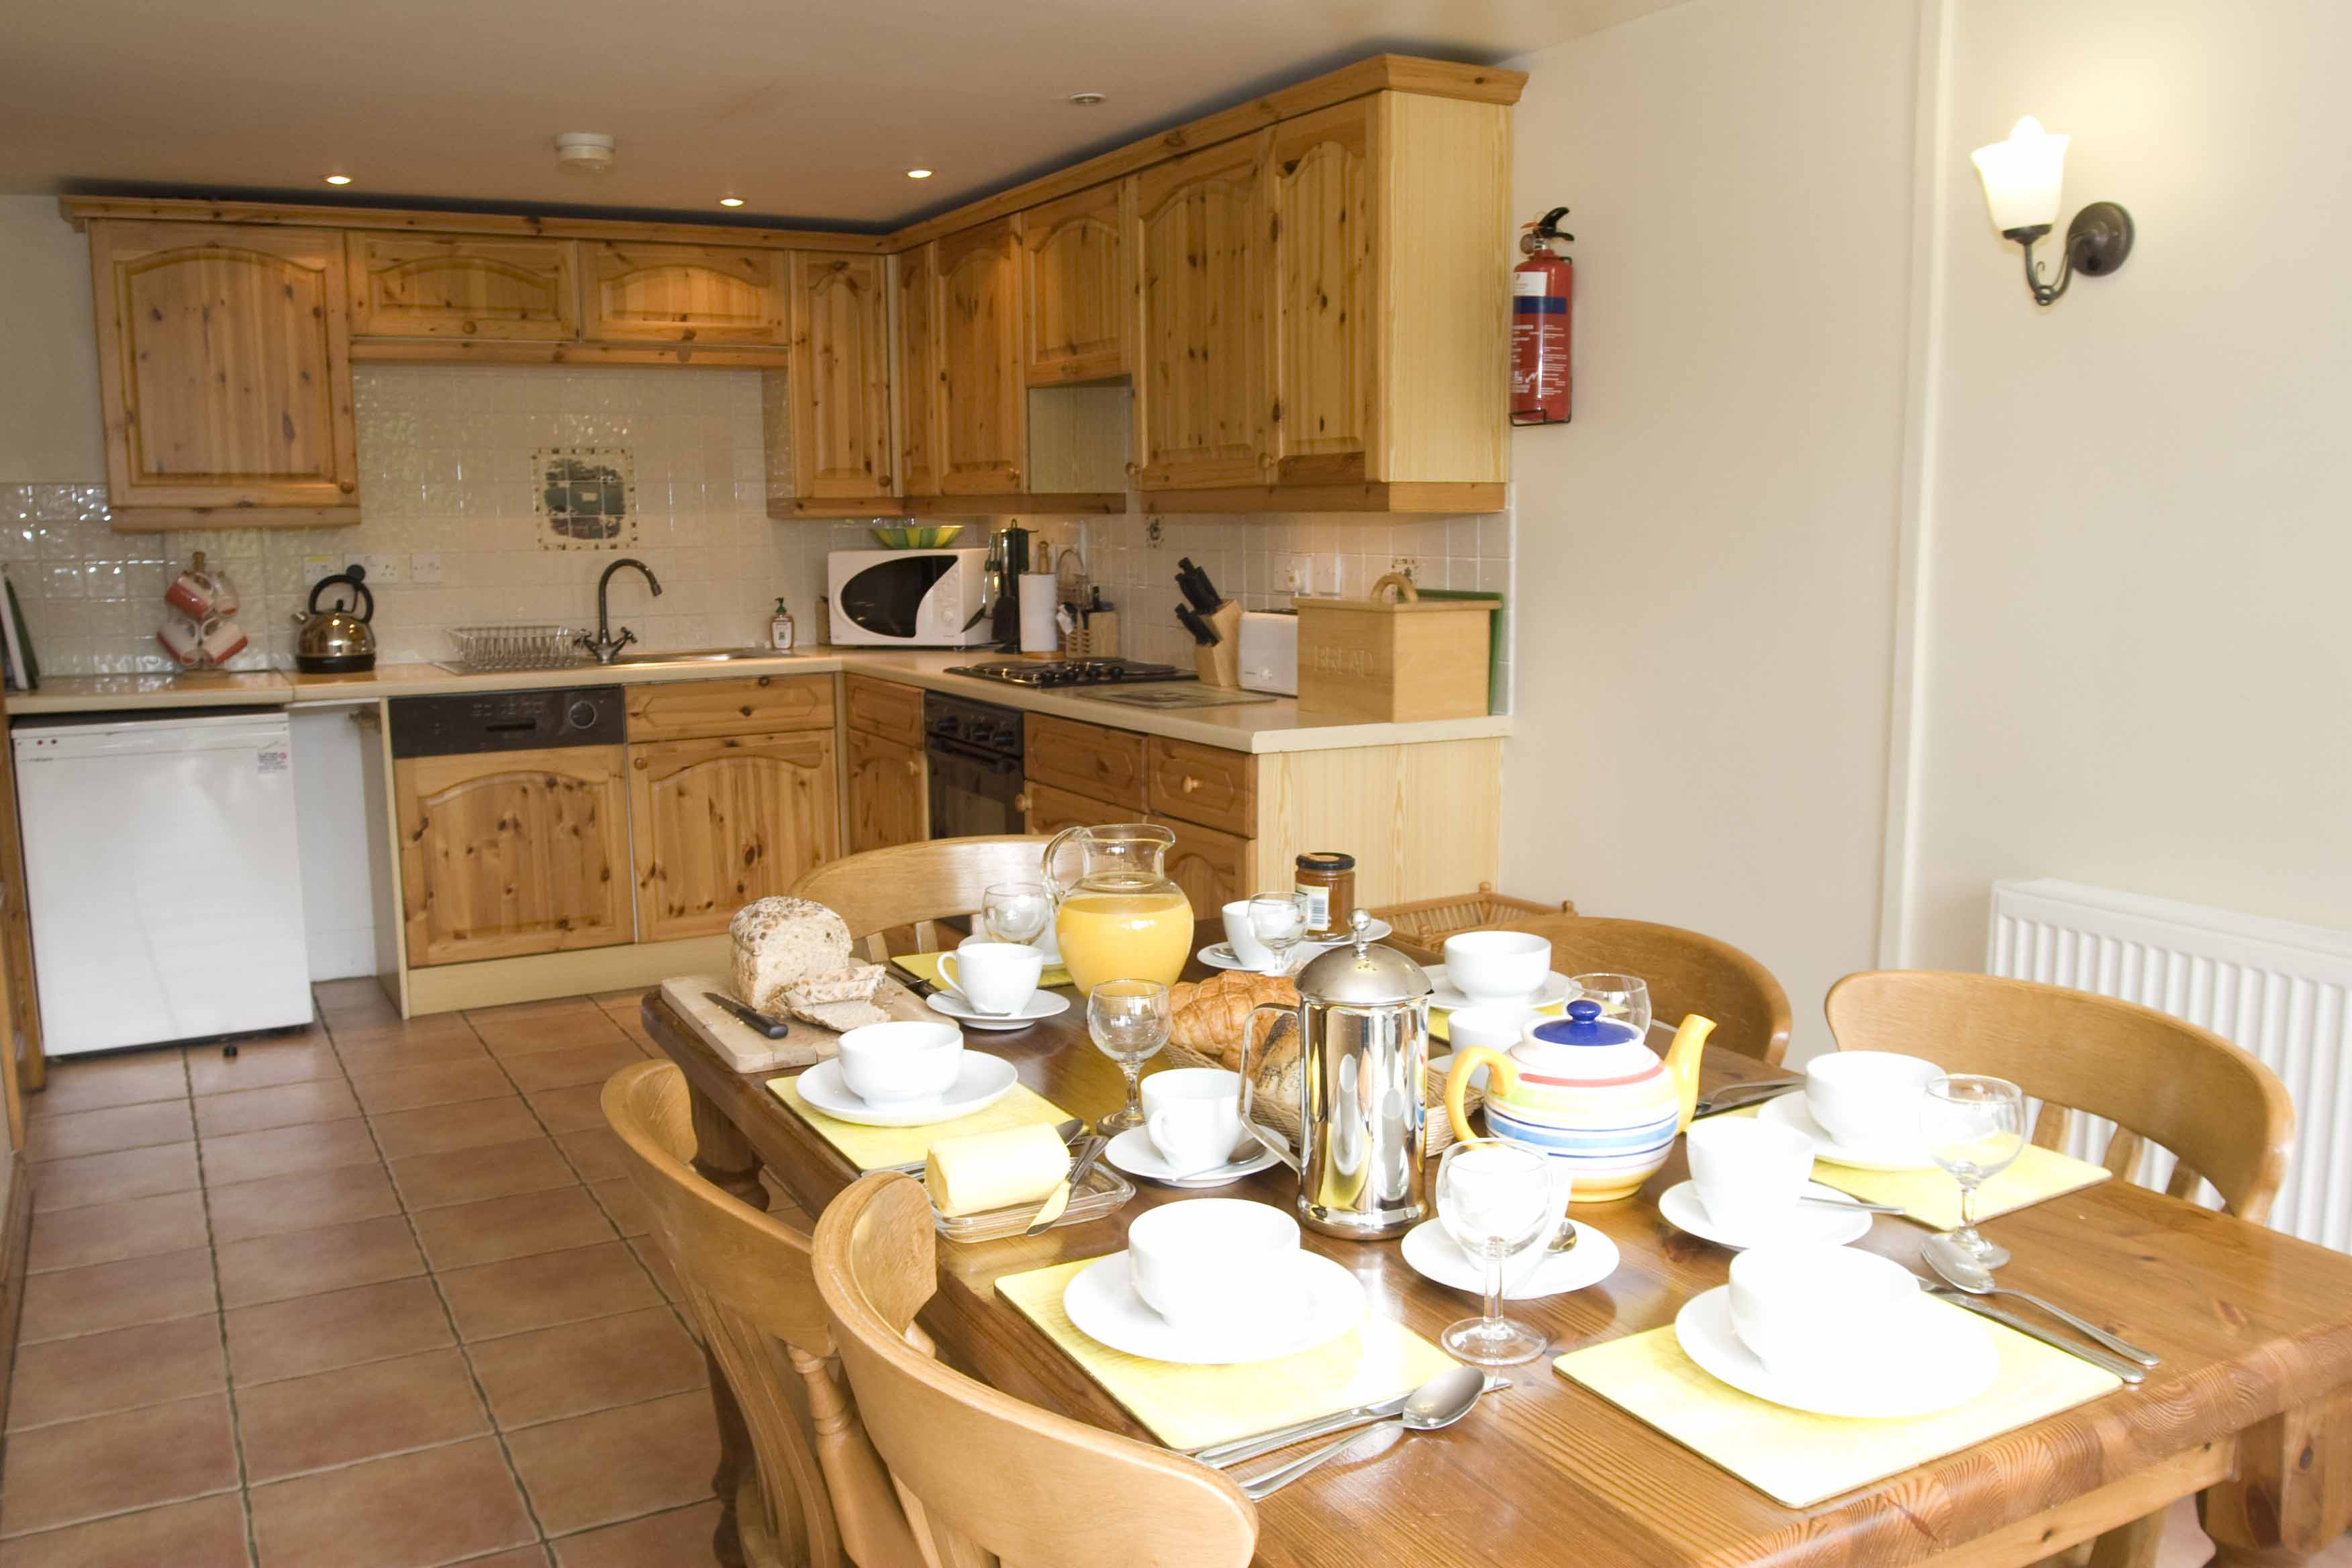 Round kitchen sets photo - 1